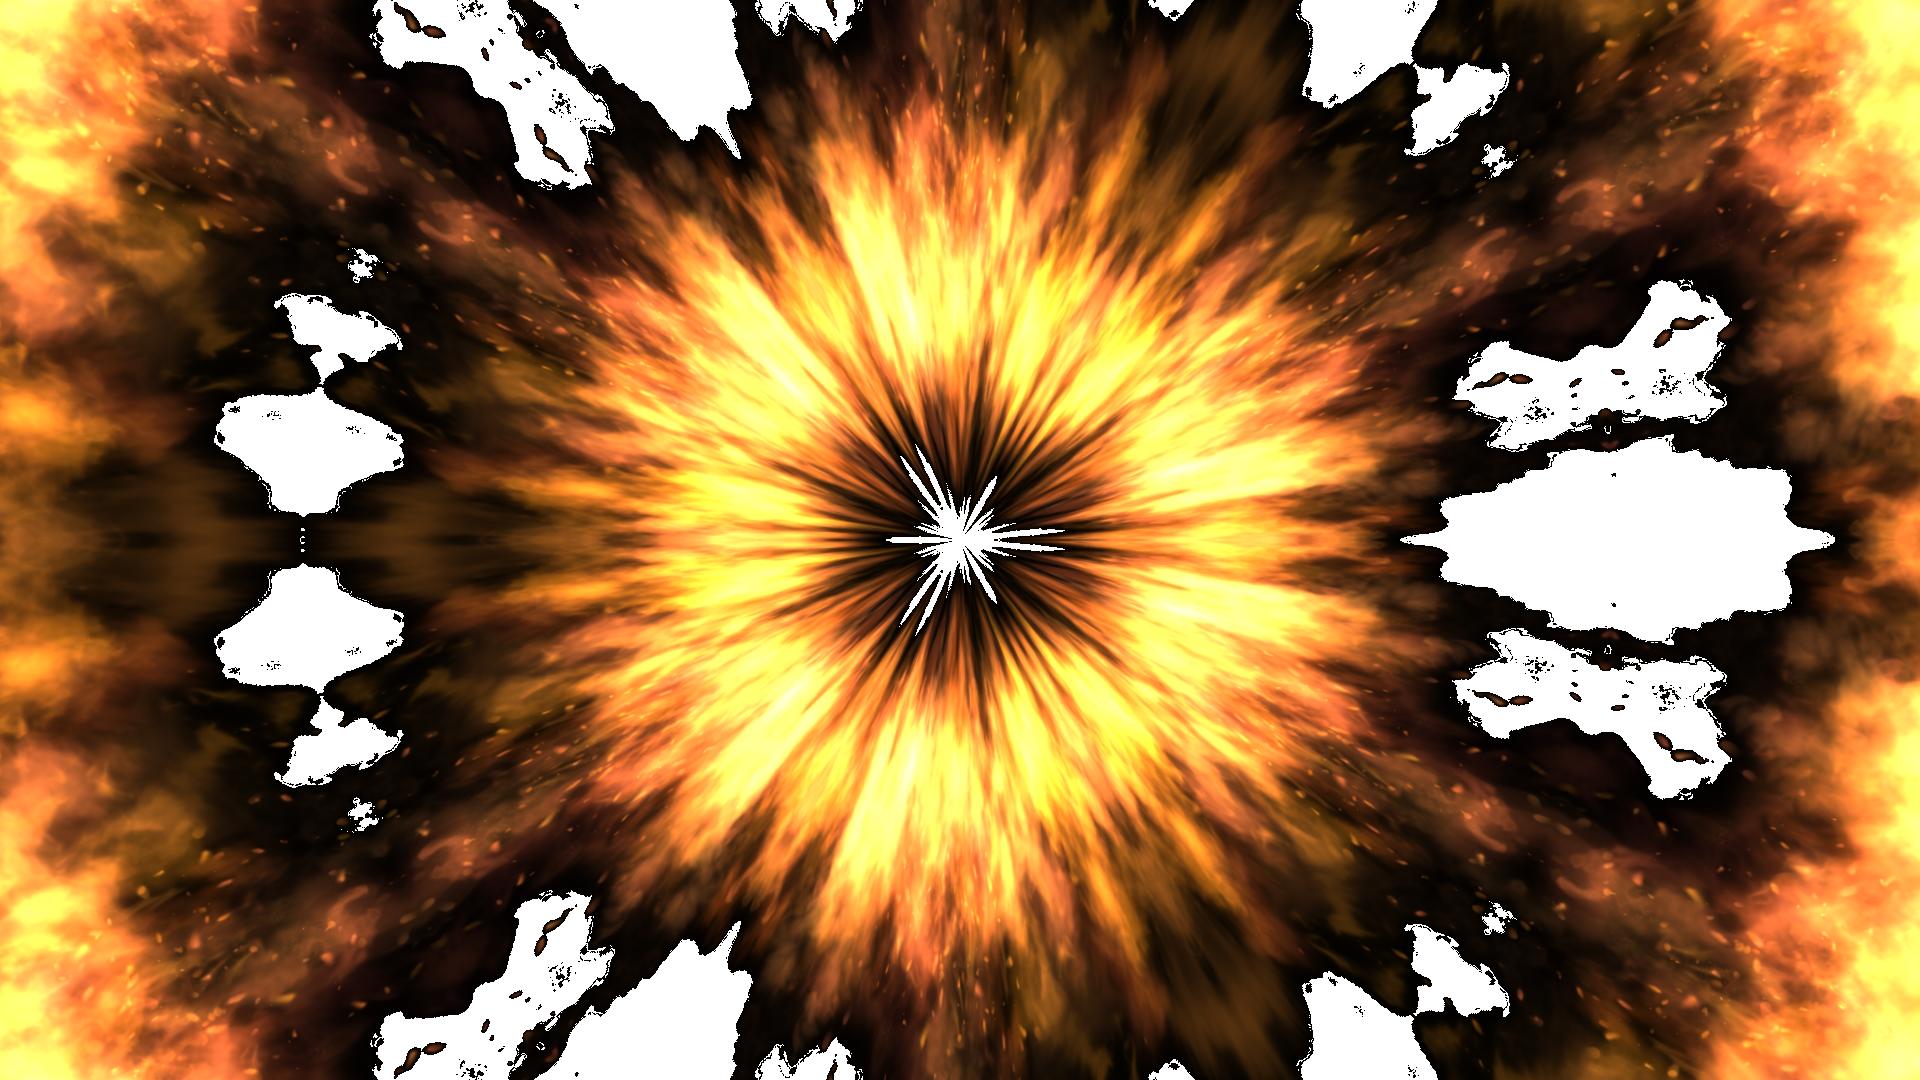 ファイヤー集中線-炎の魔法エフェクト-背景透明